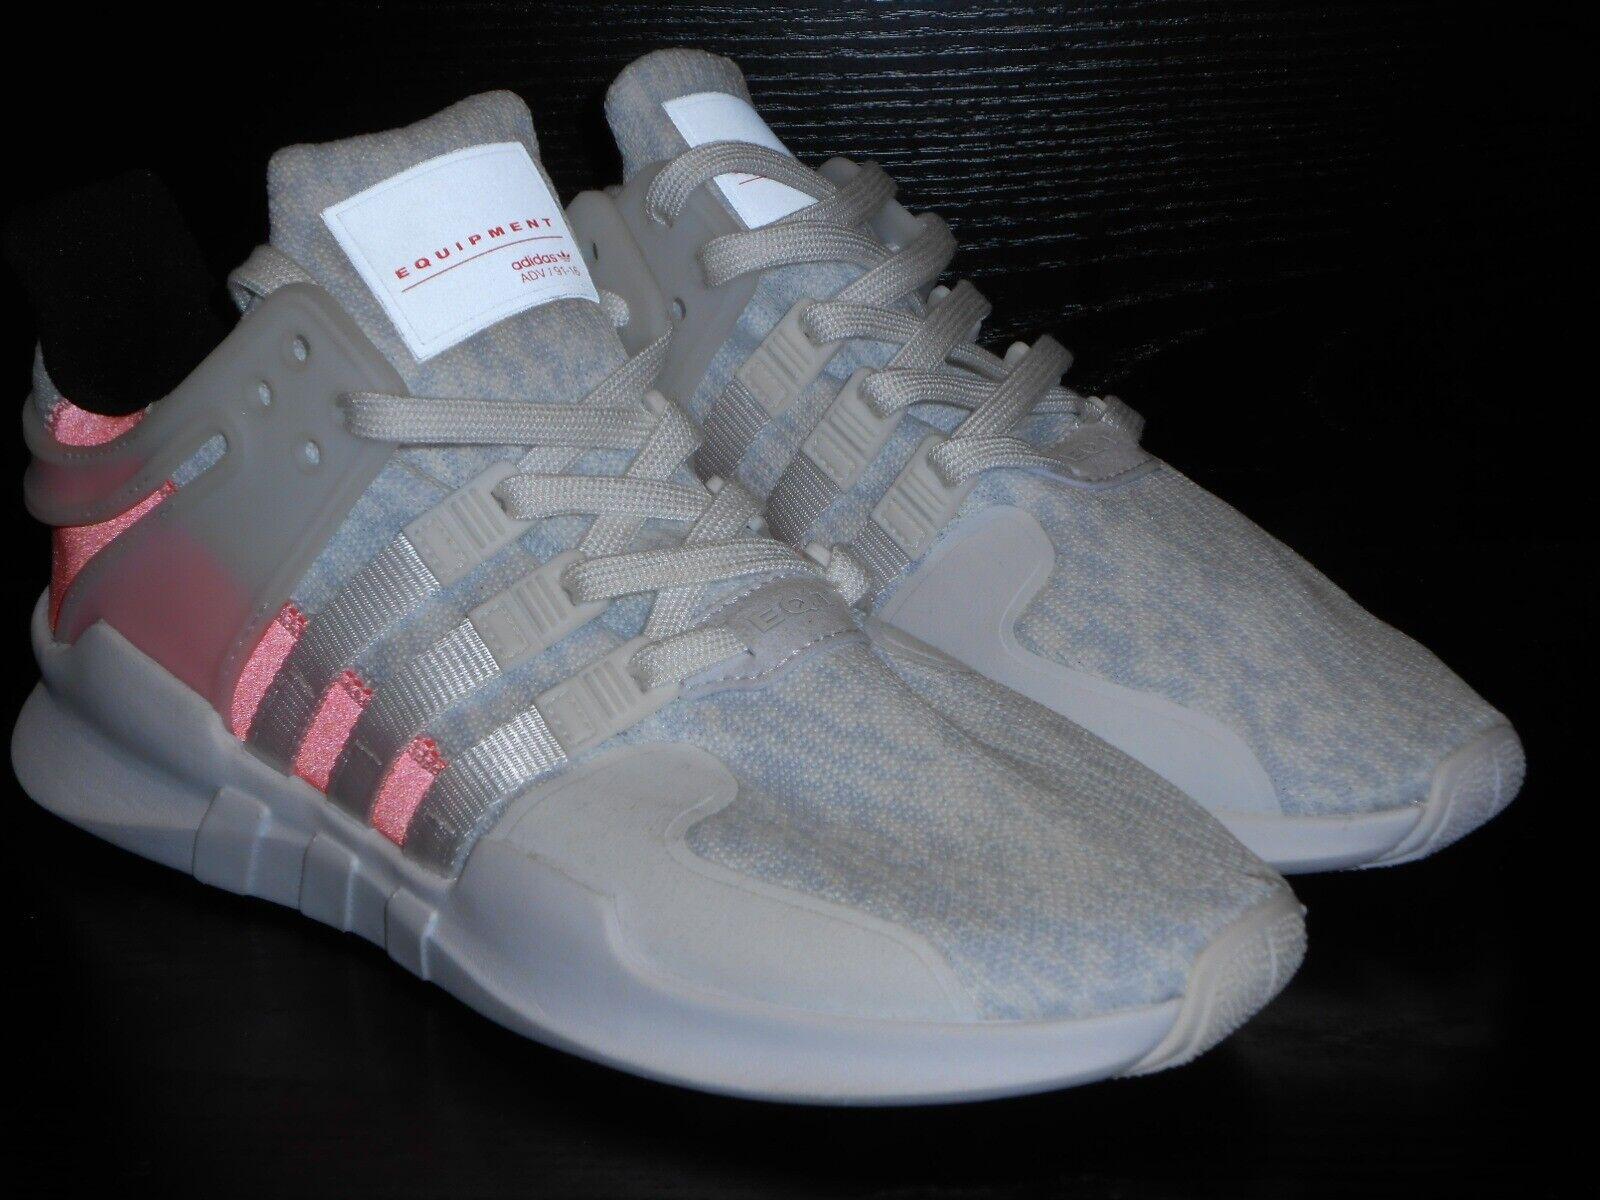 Adidas Eqt Soporte Adv Zapatias  Hombre Gb Dimensione 8 Ue 42 biancao  alta qualità